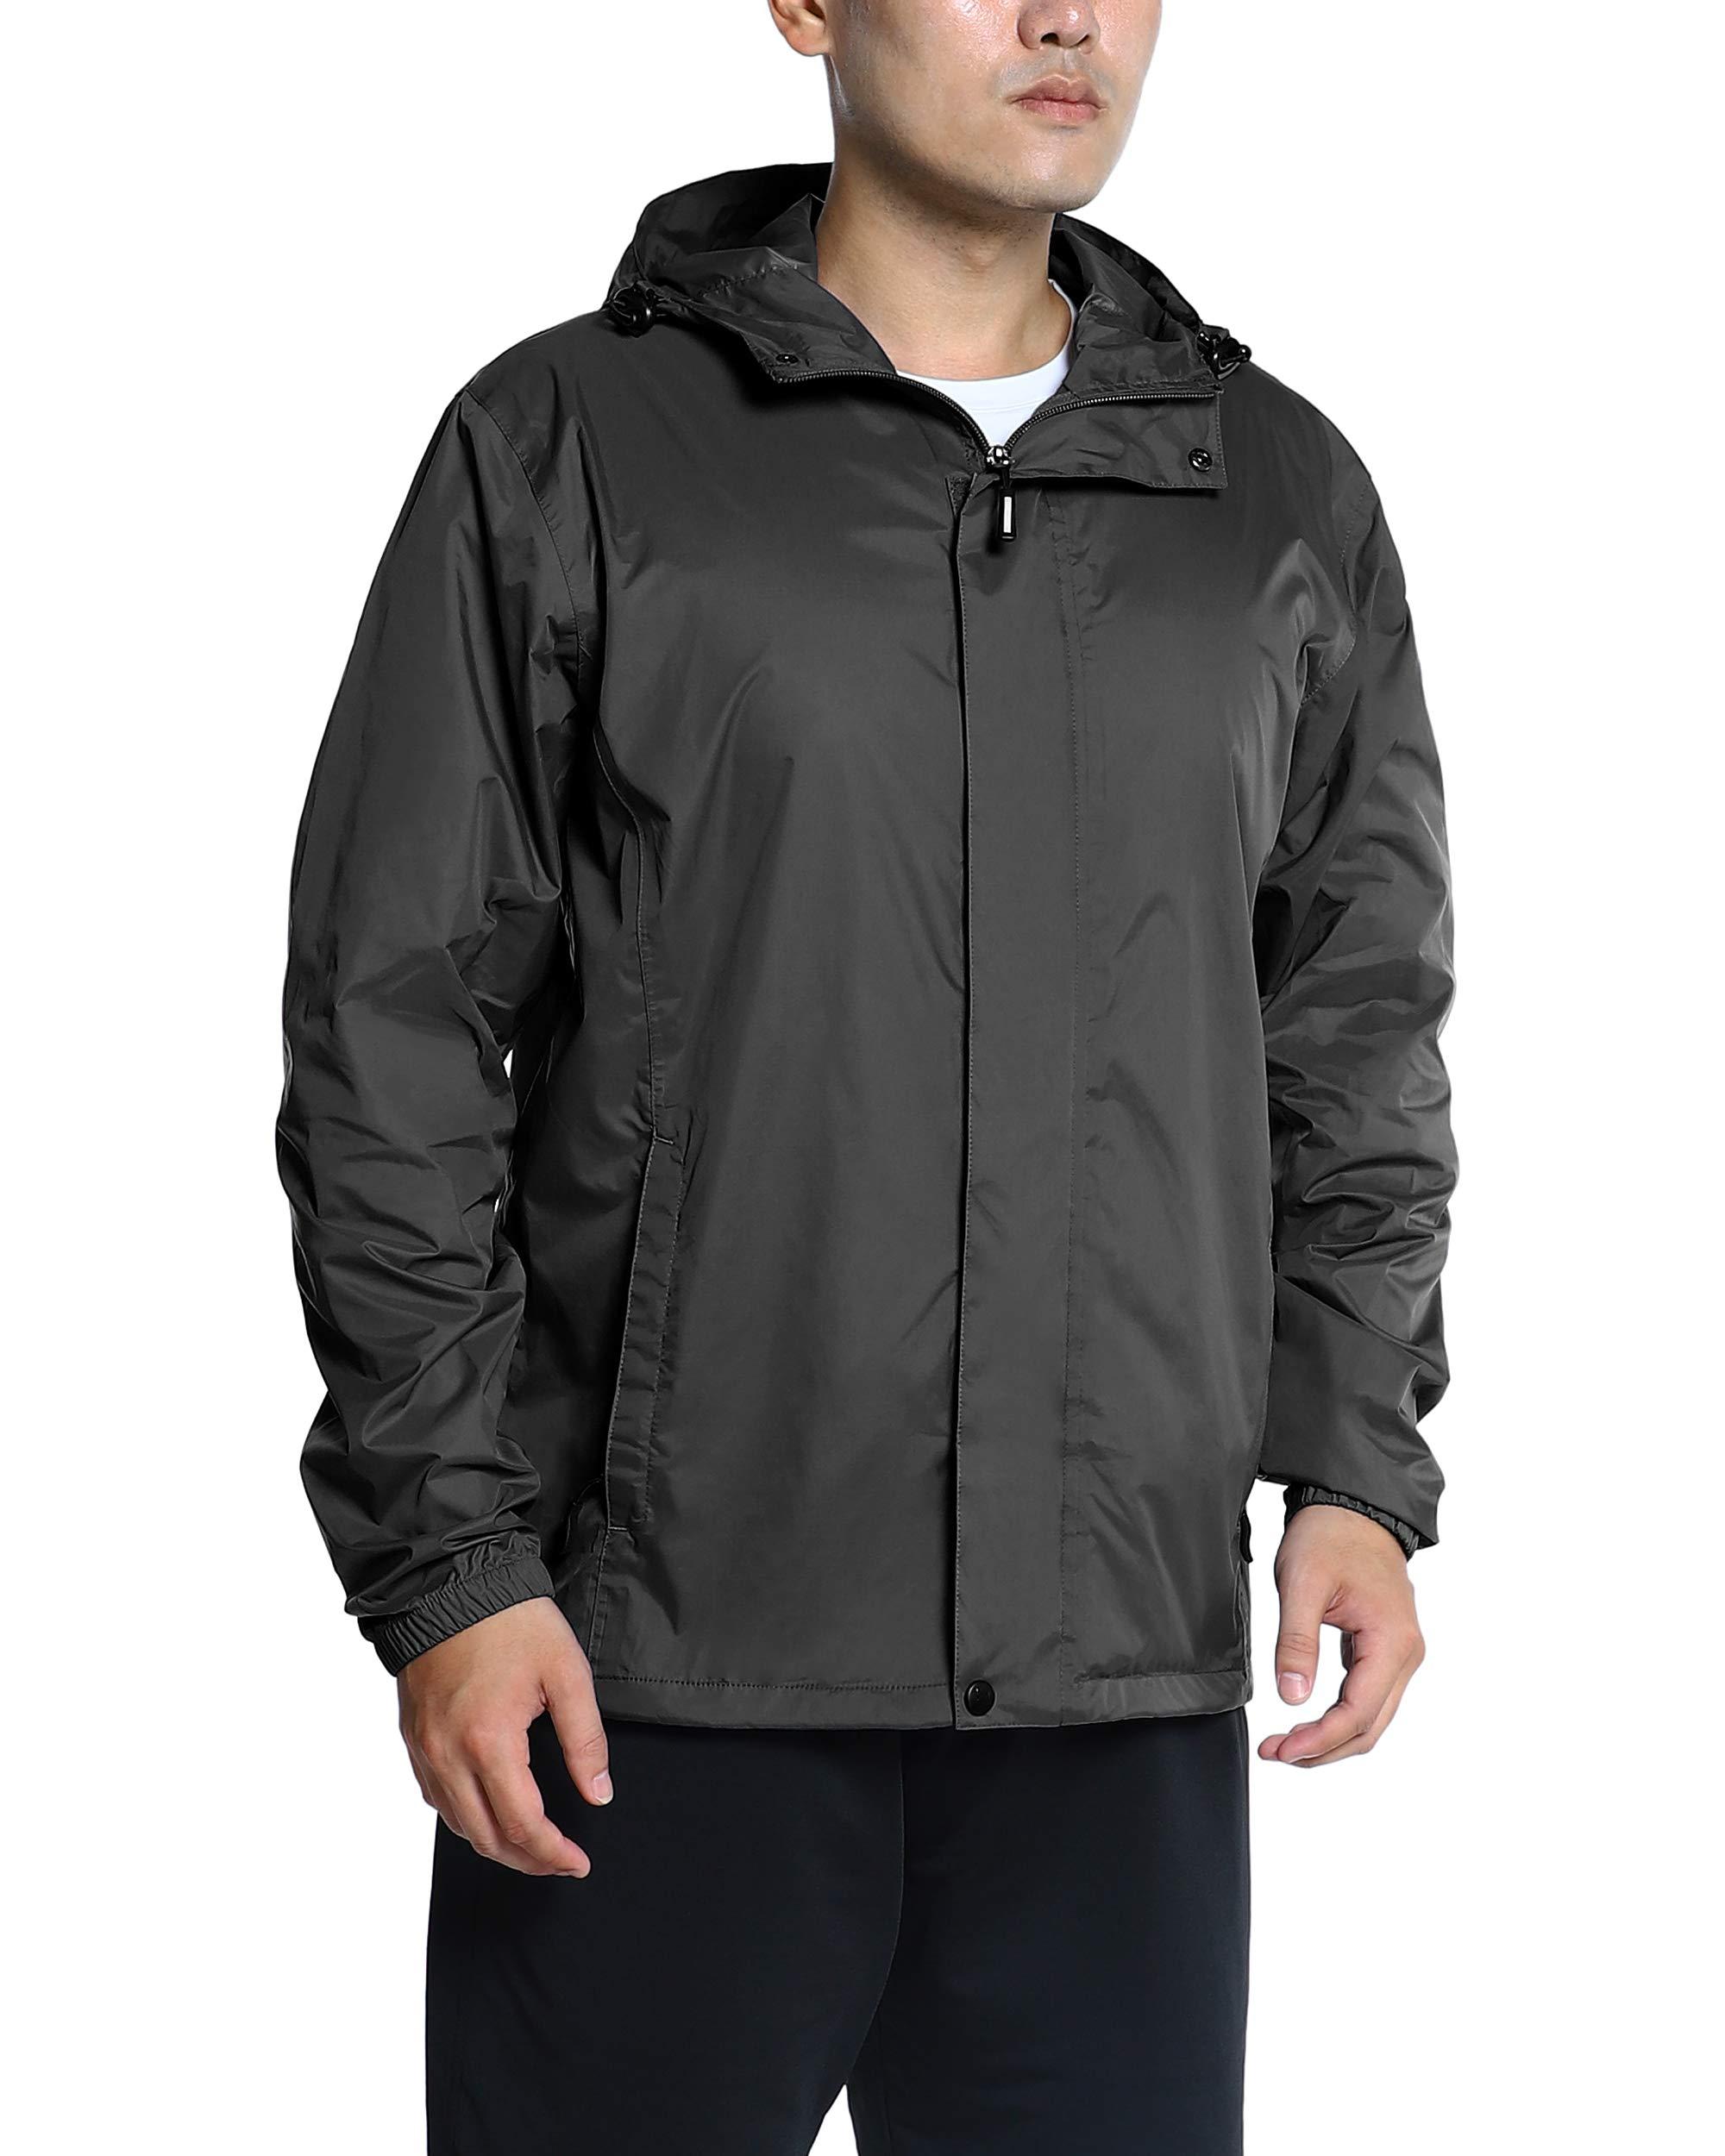 Outdoor Ventures Men's Caspar Lightweight Raincoat Waterproof Windbreaker Hooded Packable Rain Jacket Black by Outdoor Ventures